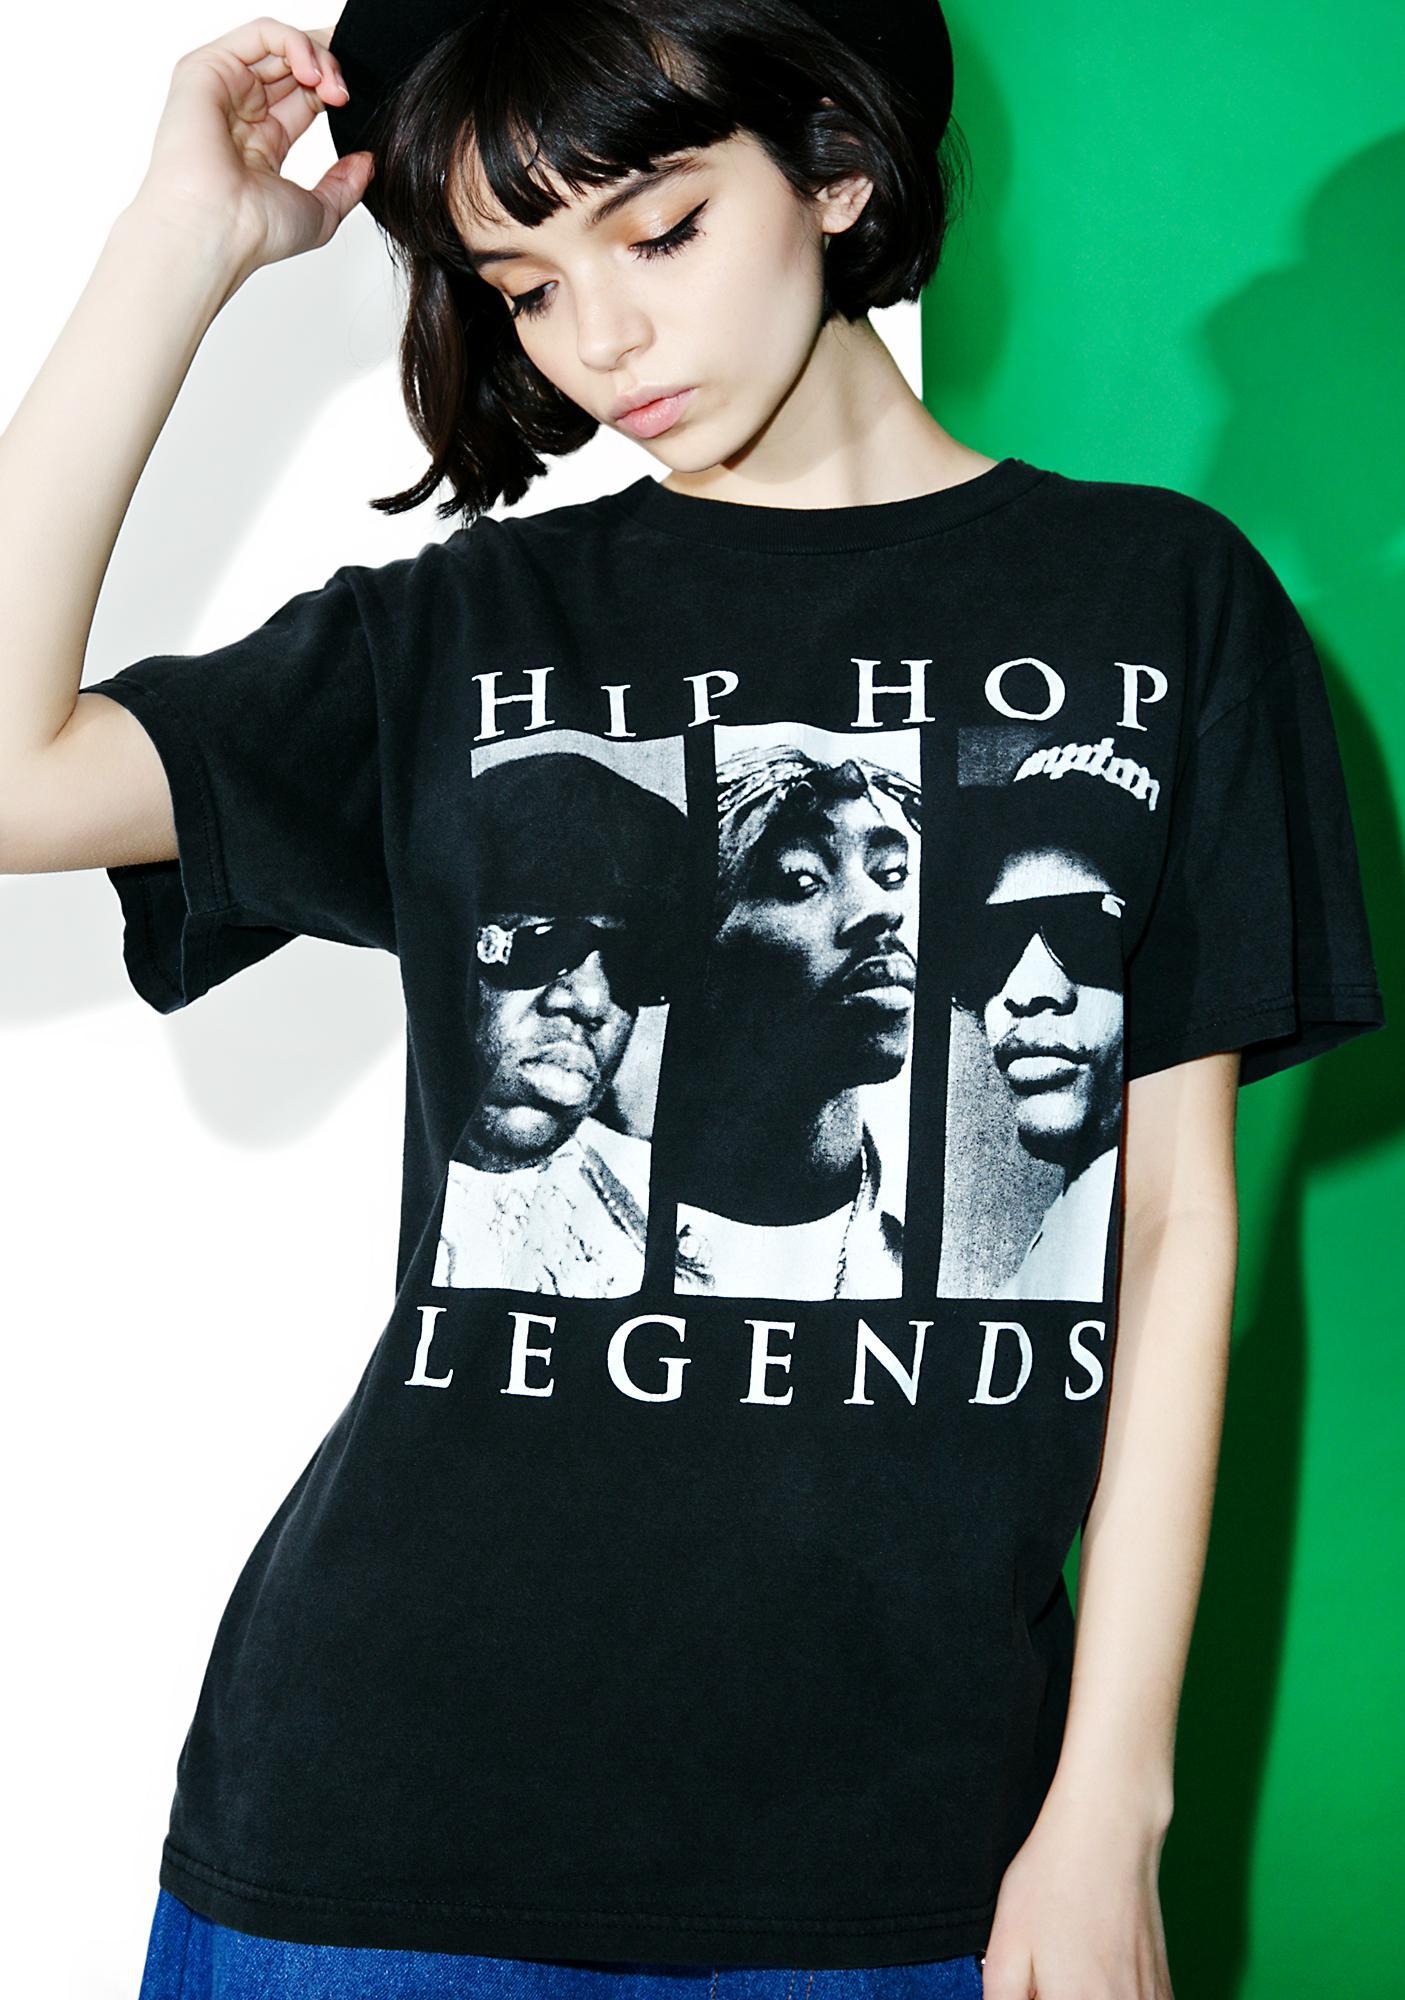 Vintage 90s Hip Hop Legends Tee